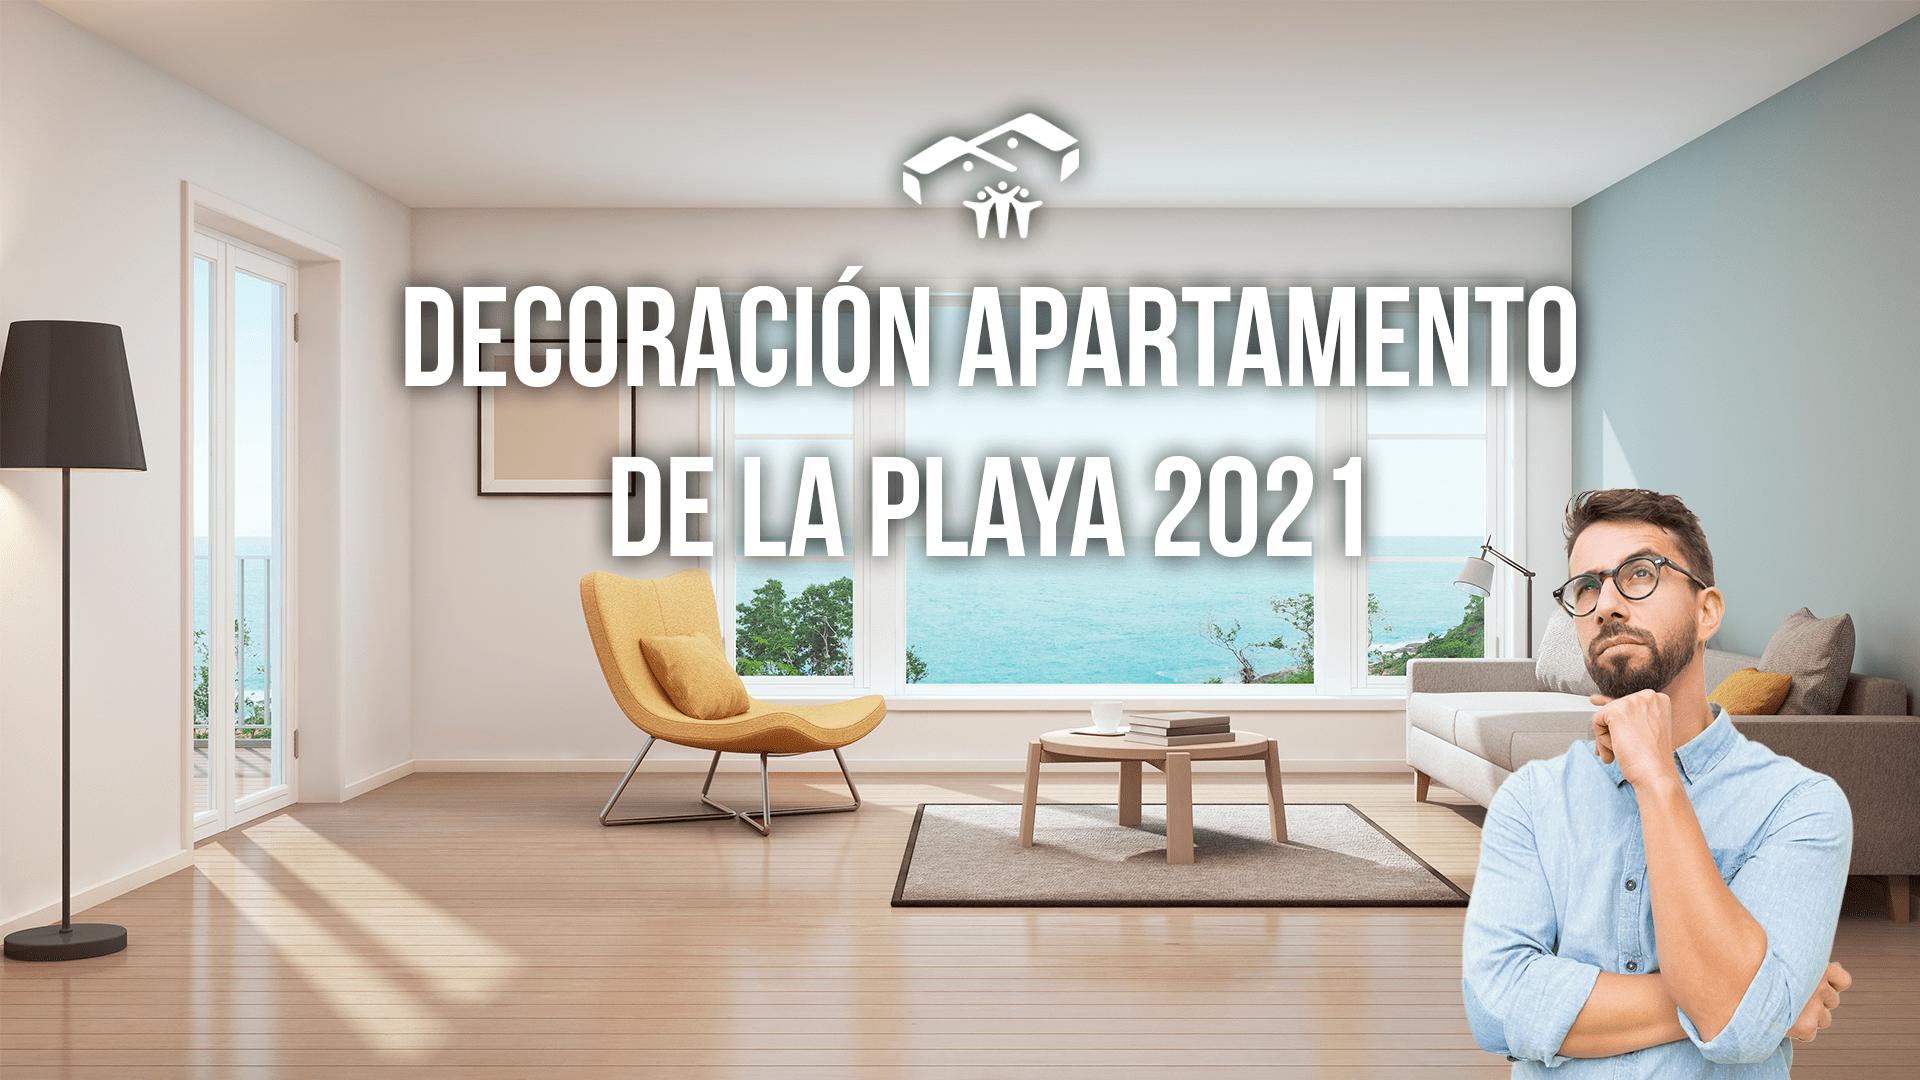 decoración apartamento de playa